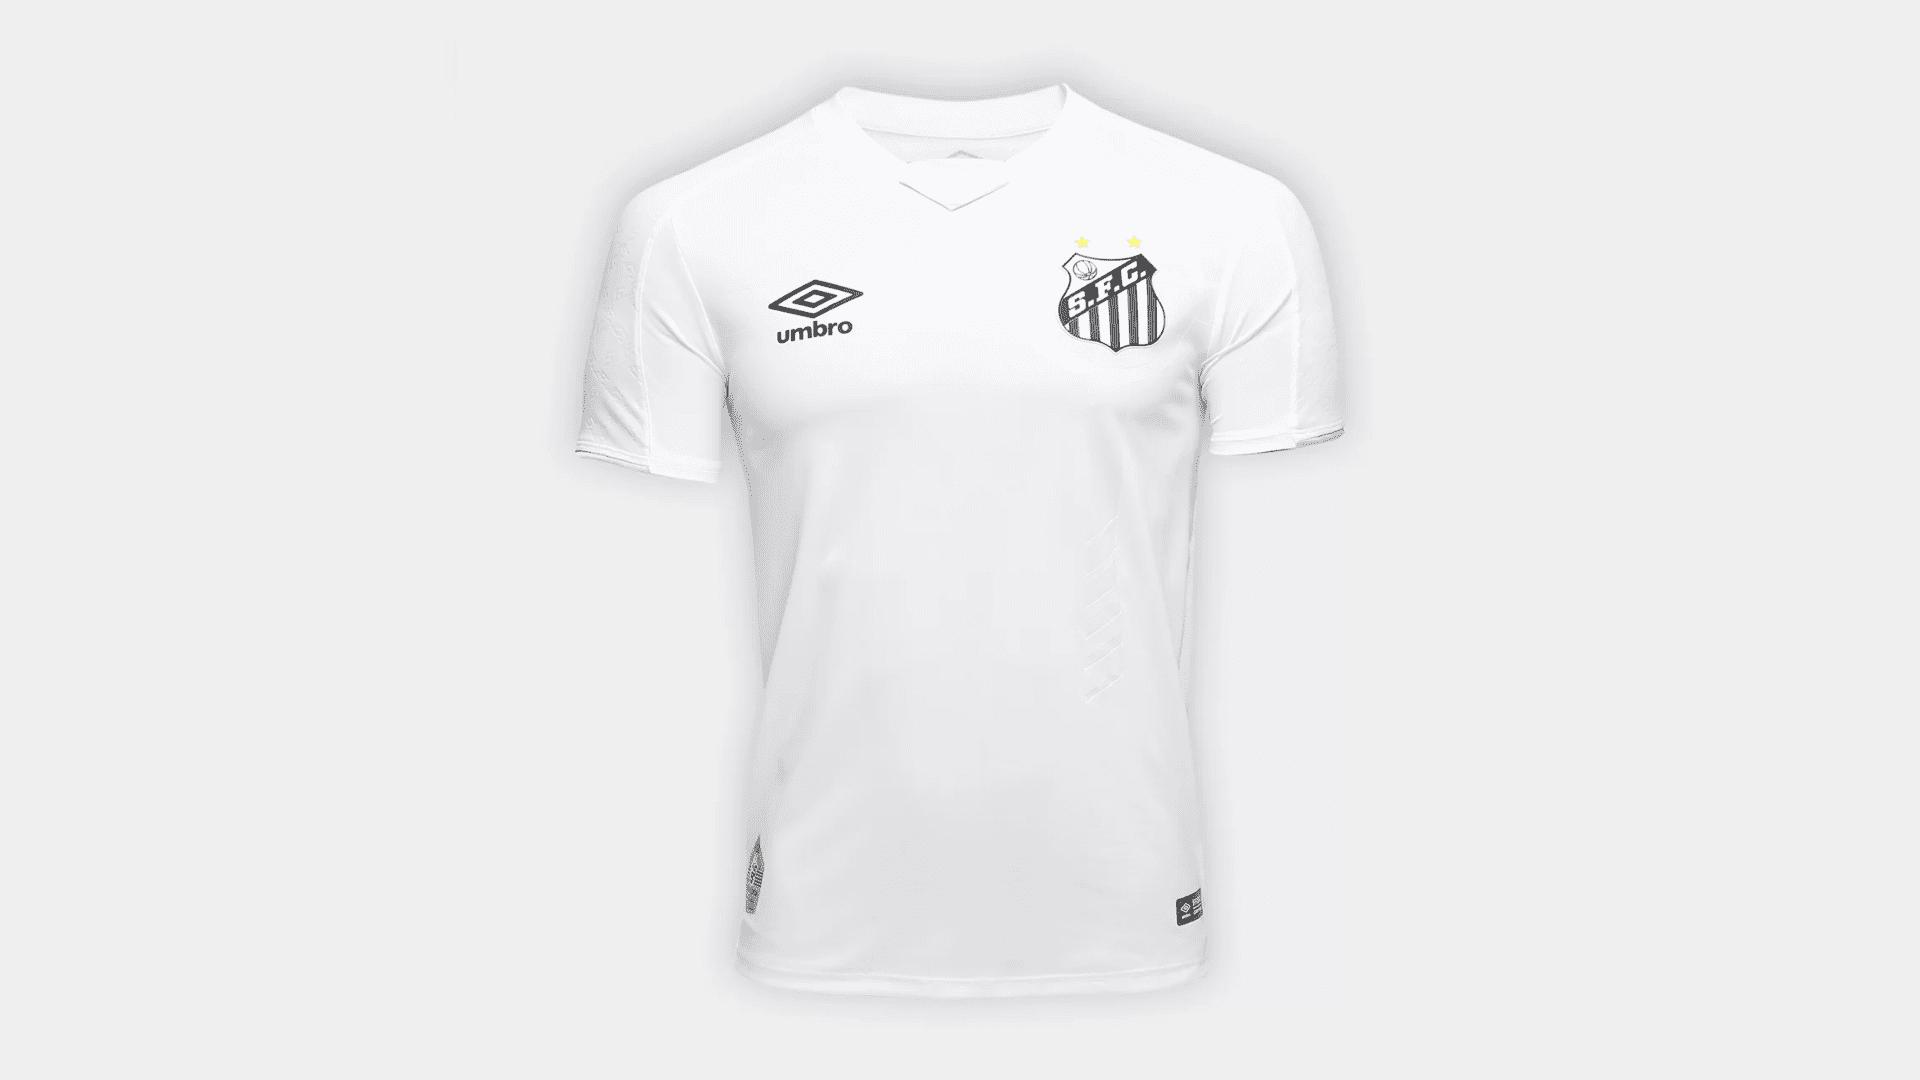 Camisa do Santos 2019 Umbro Jogo 1 (Imagem: Divulgação/Umbro)